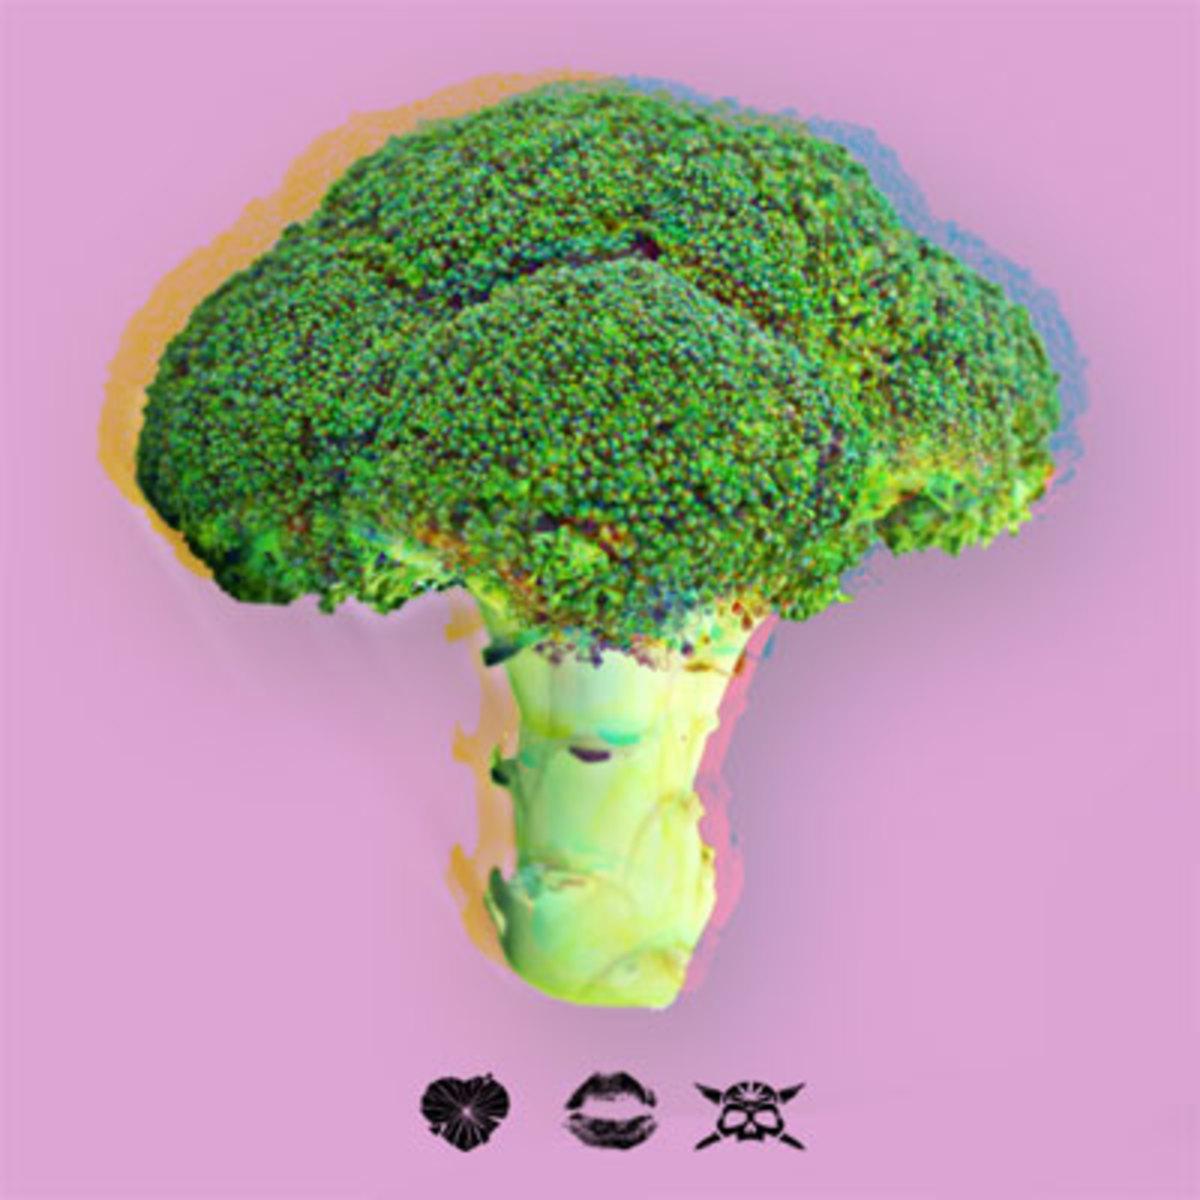 sahtyre-broccoli.jpg